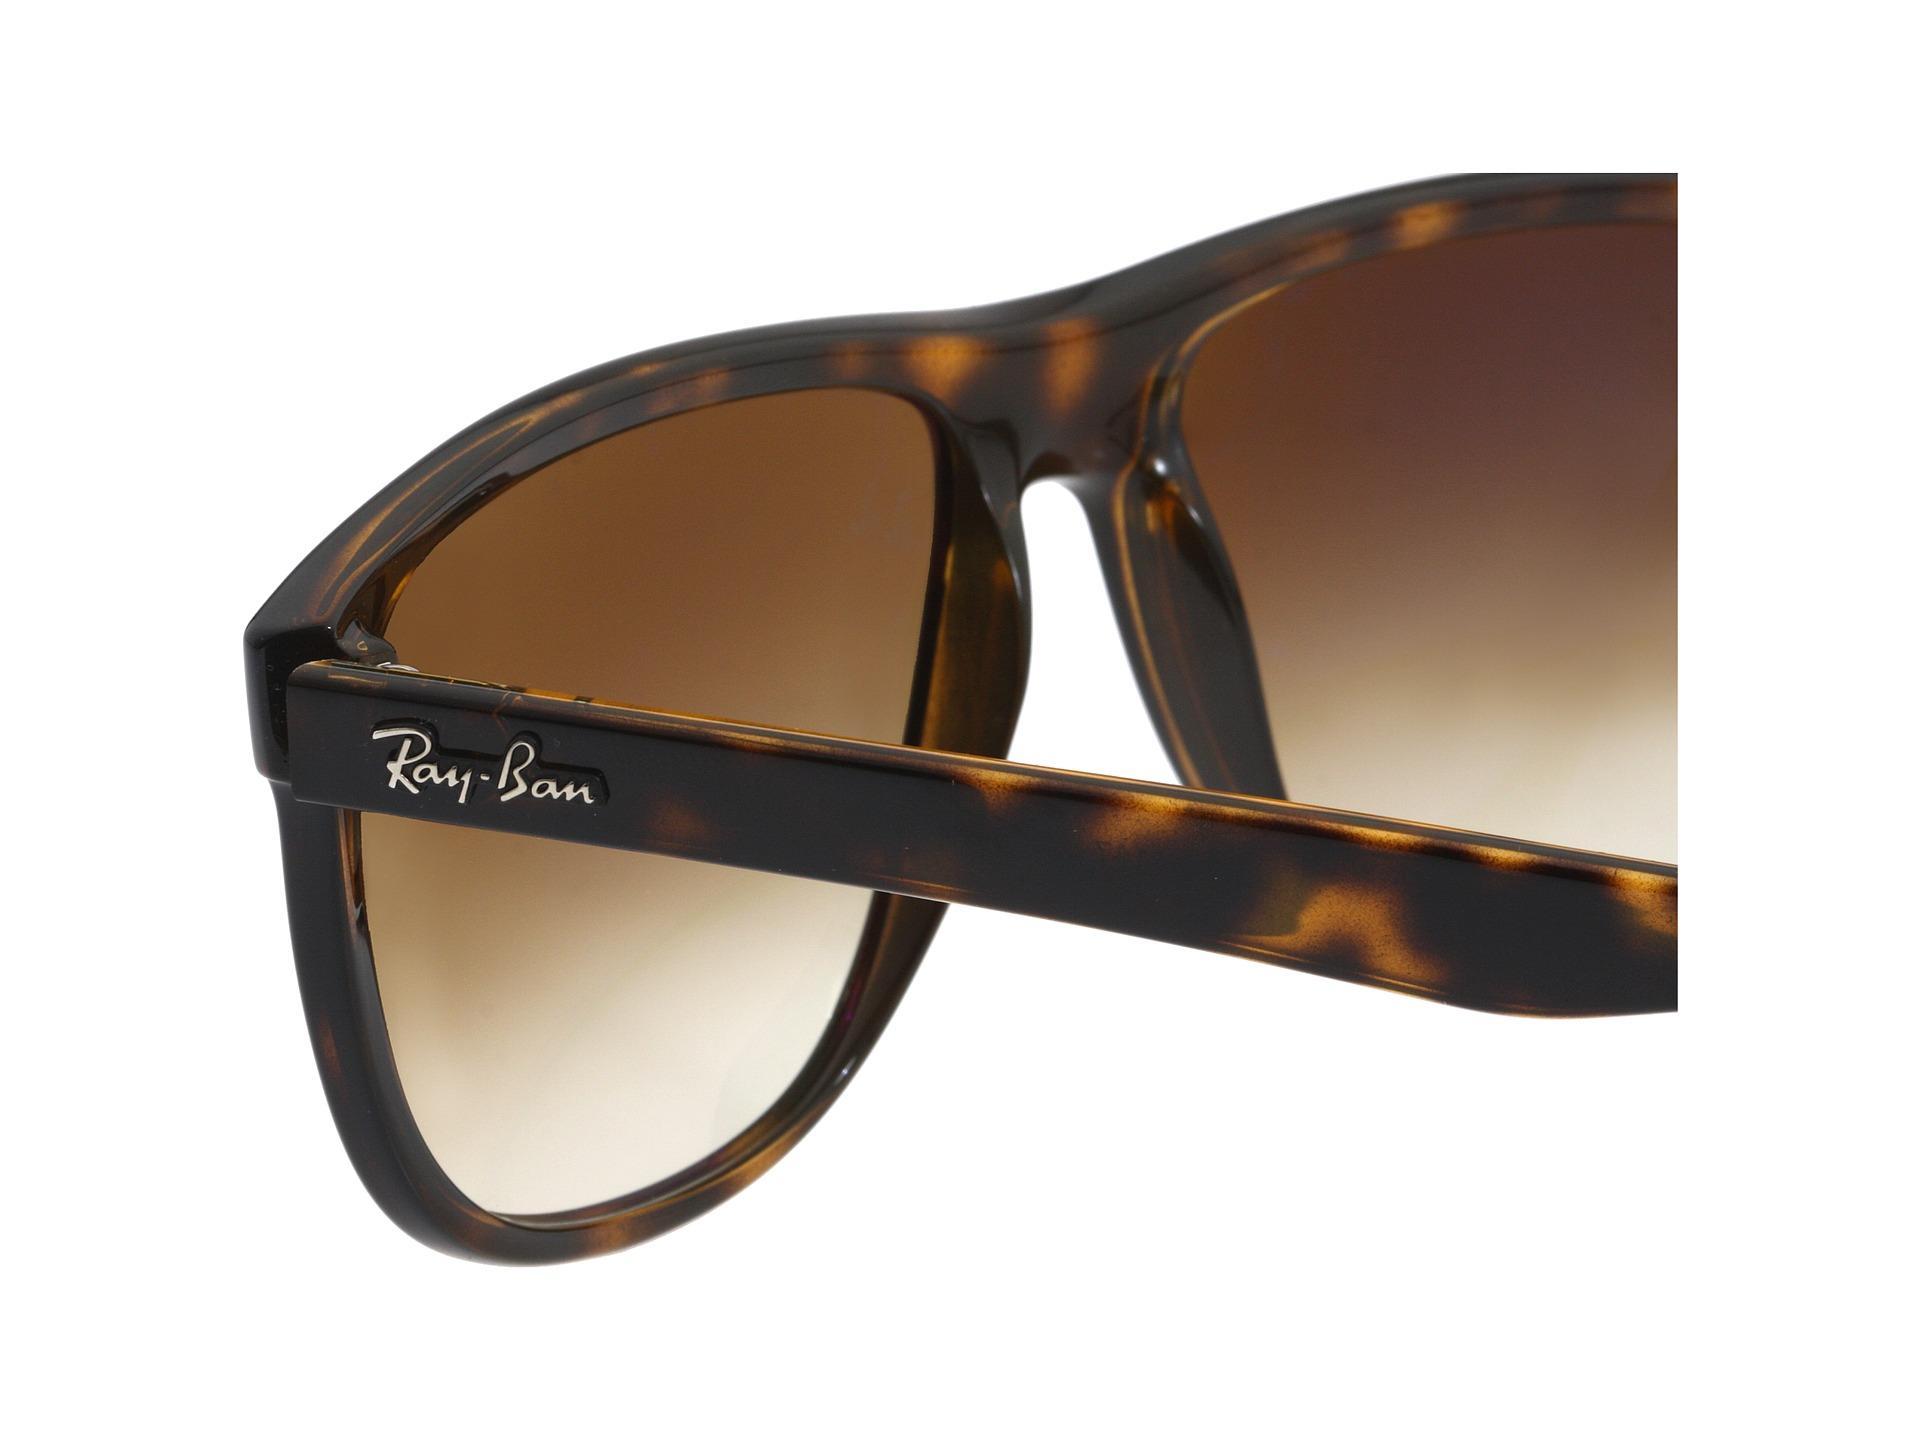 a85f8a096b Ray Ban Prescription Sunglasses Made In Italy « Heritage Malta